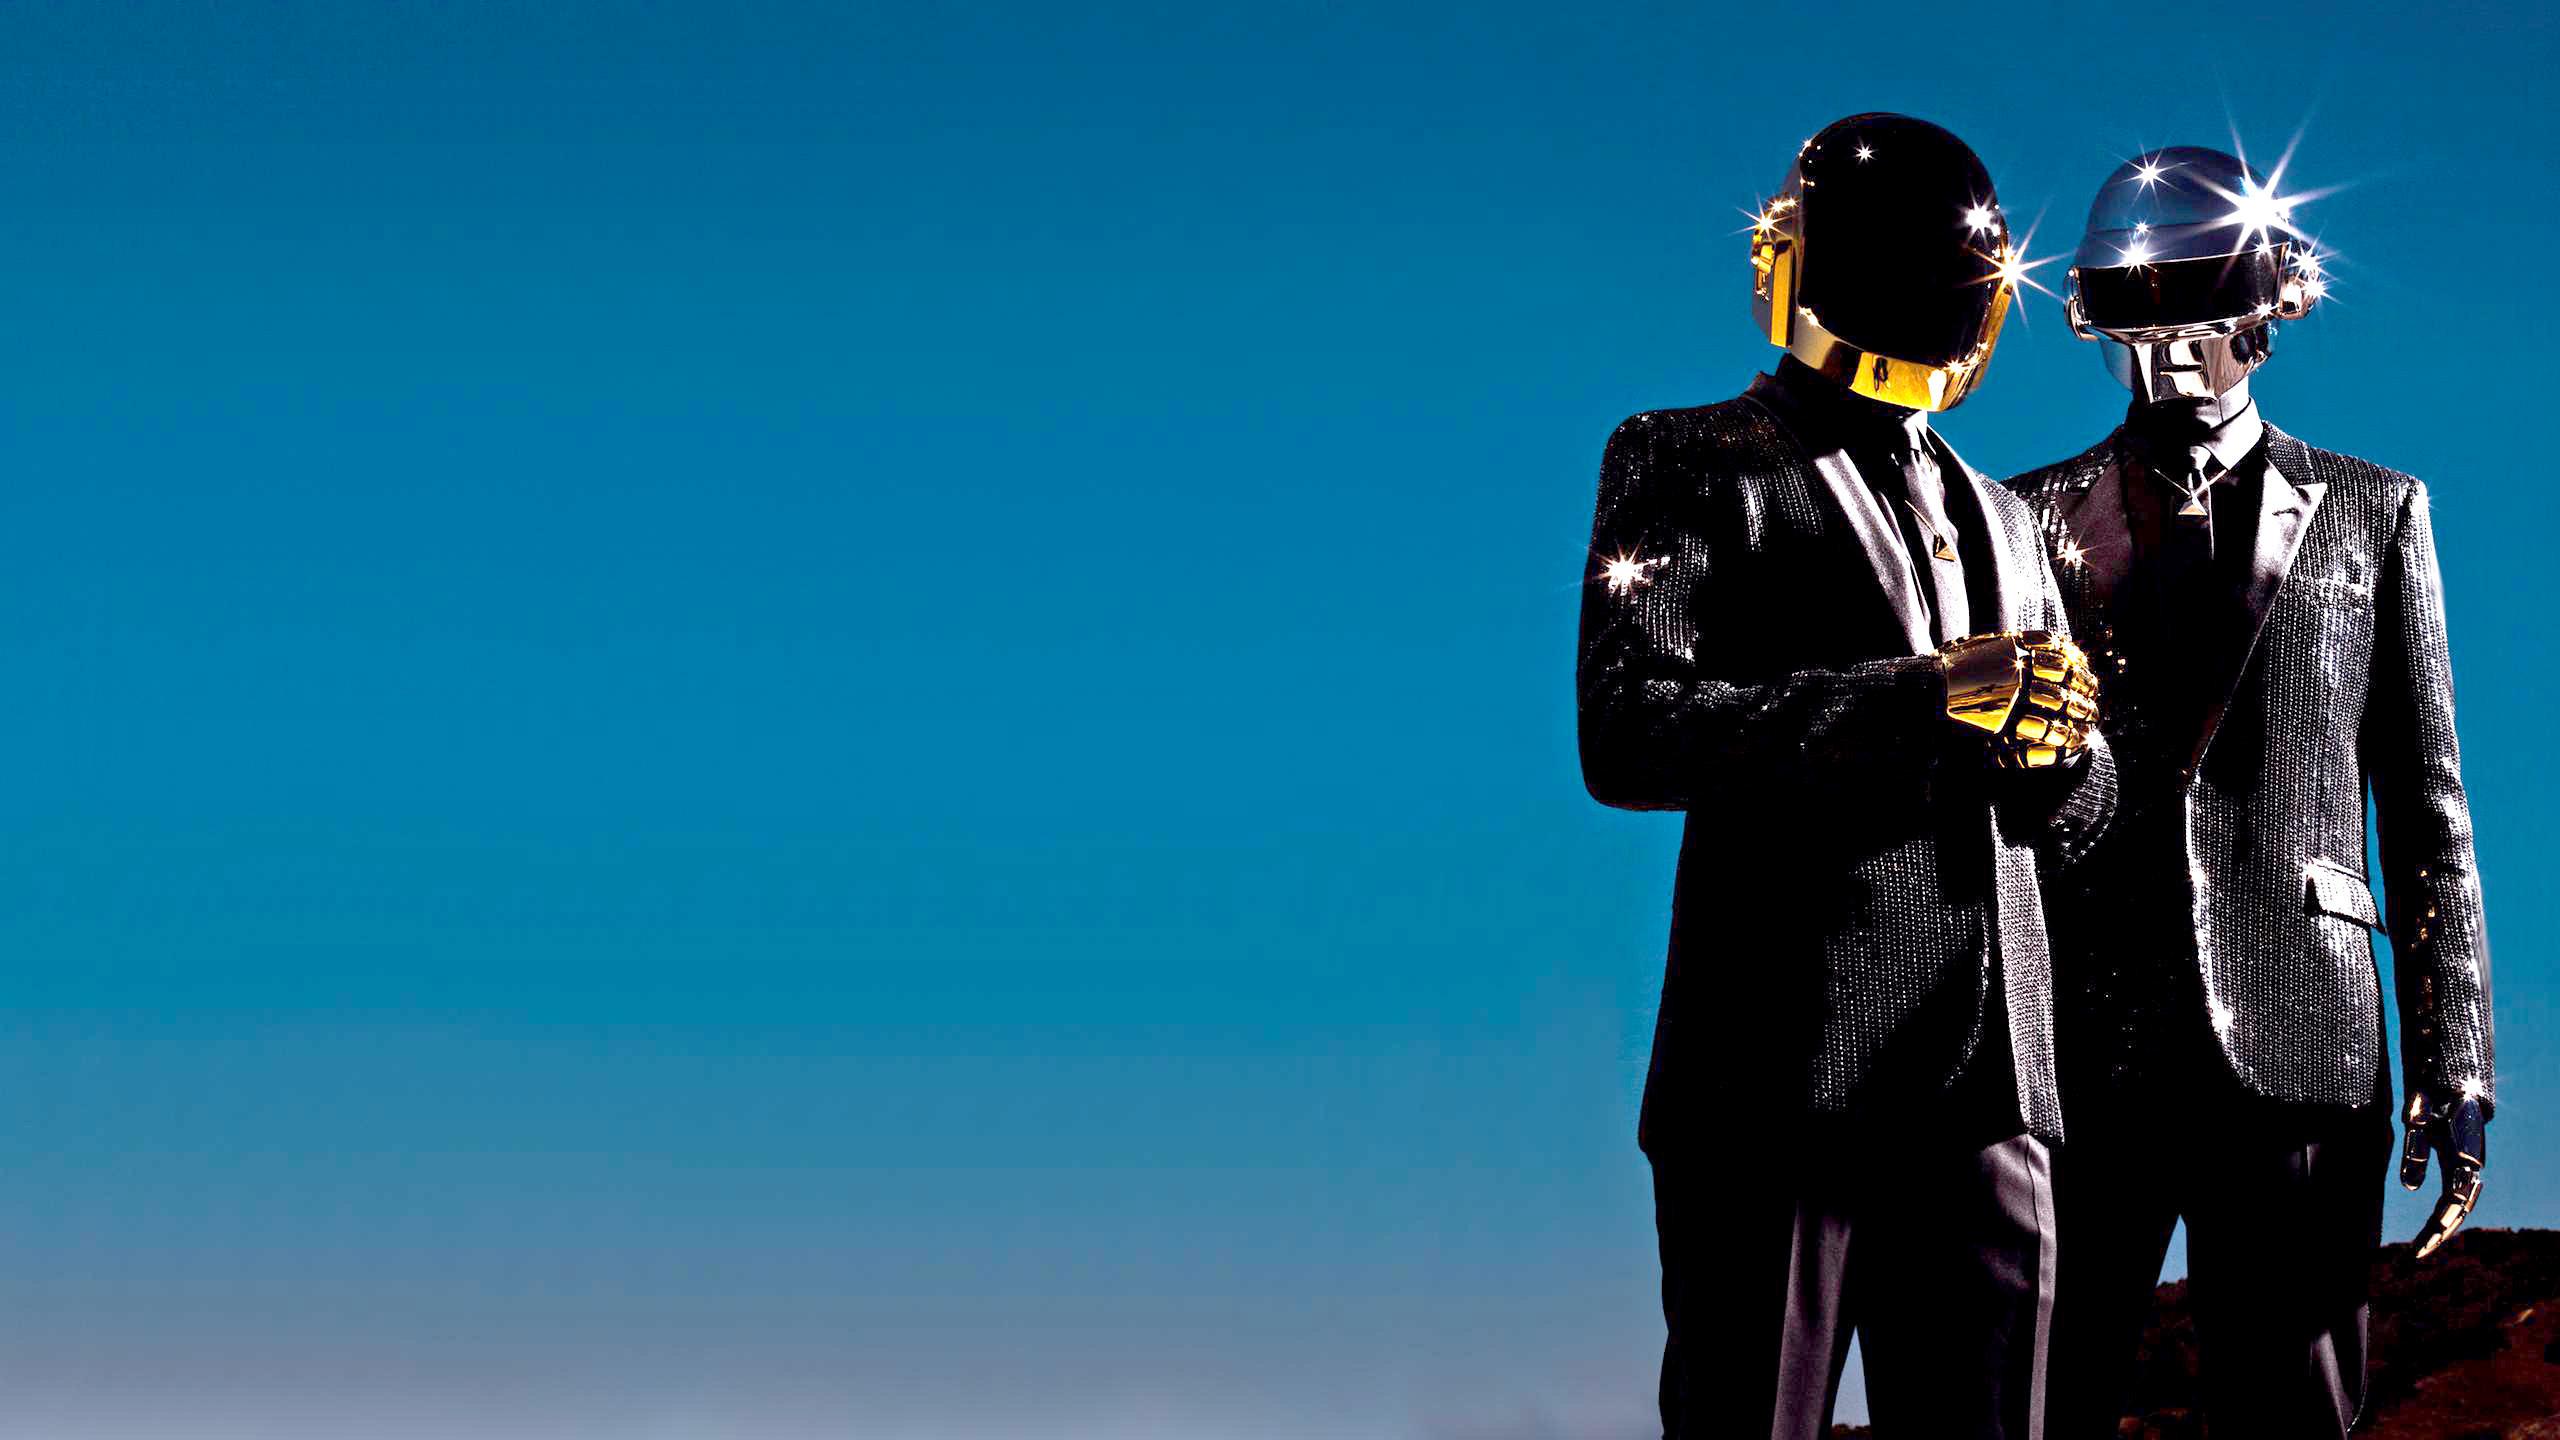 Daft Punk 1080p Wallpaper - WallpaperSafari